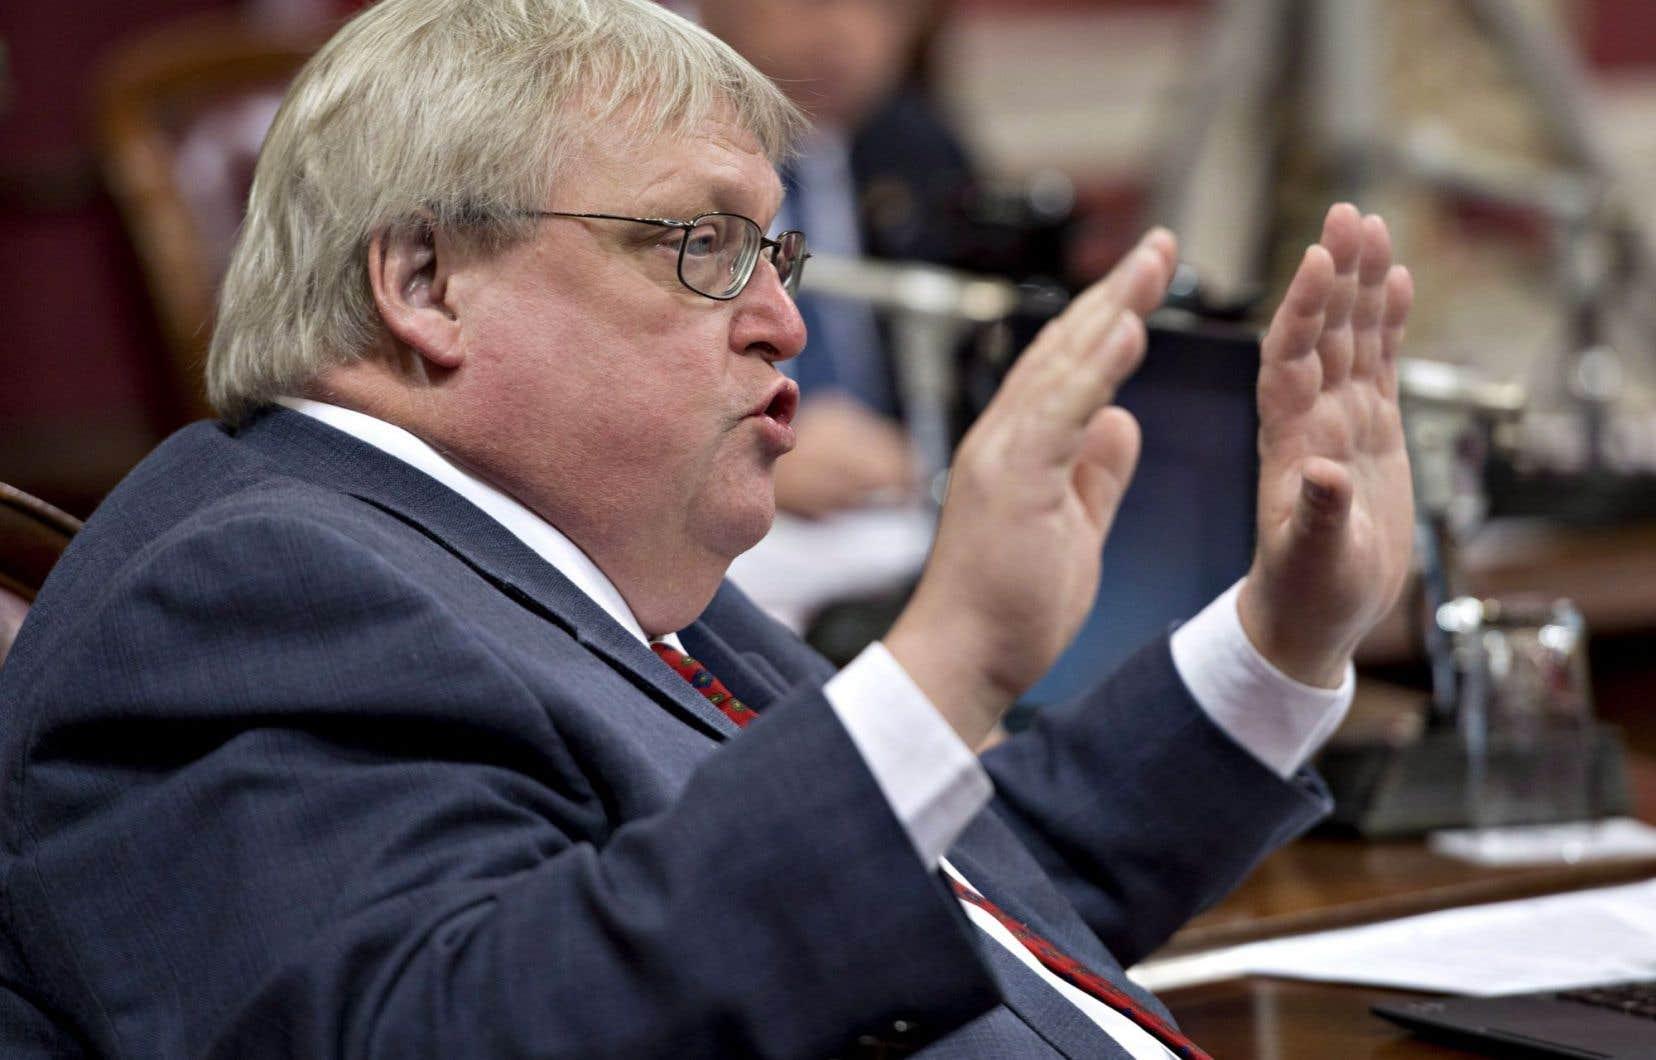 Le ministre Gaétan Barrette reproche depuis des semaines à l'opposition péquiste de ralentir l'étude du projet de loi.